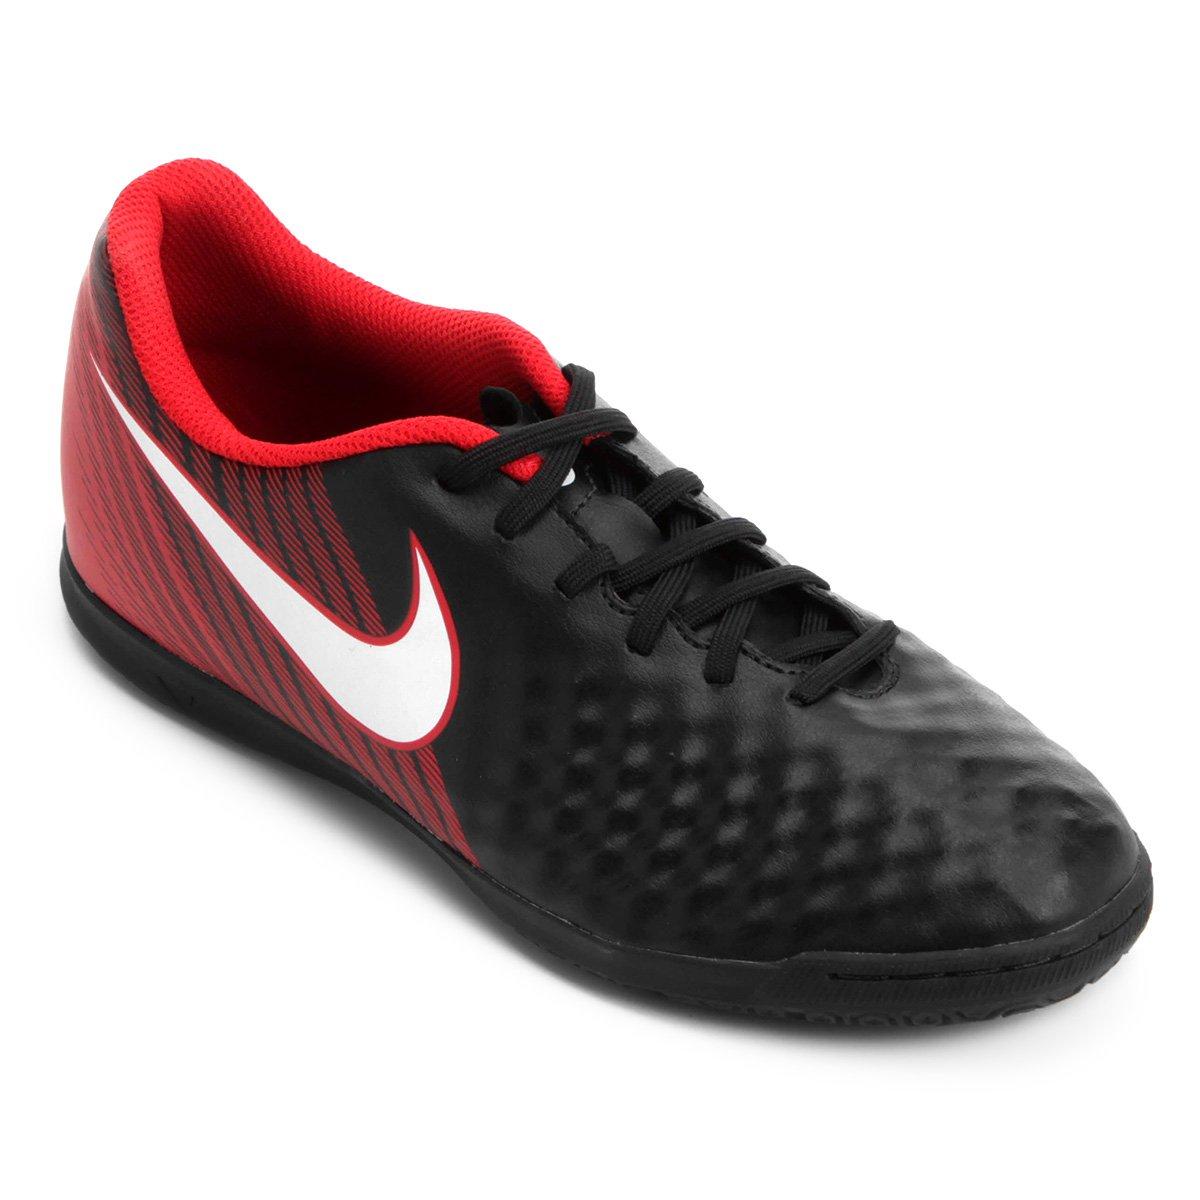 2cca83de4e442 Chuteira Futsal Nike Magista Ola II IC - Compre Agora